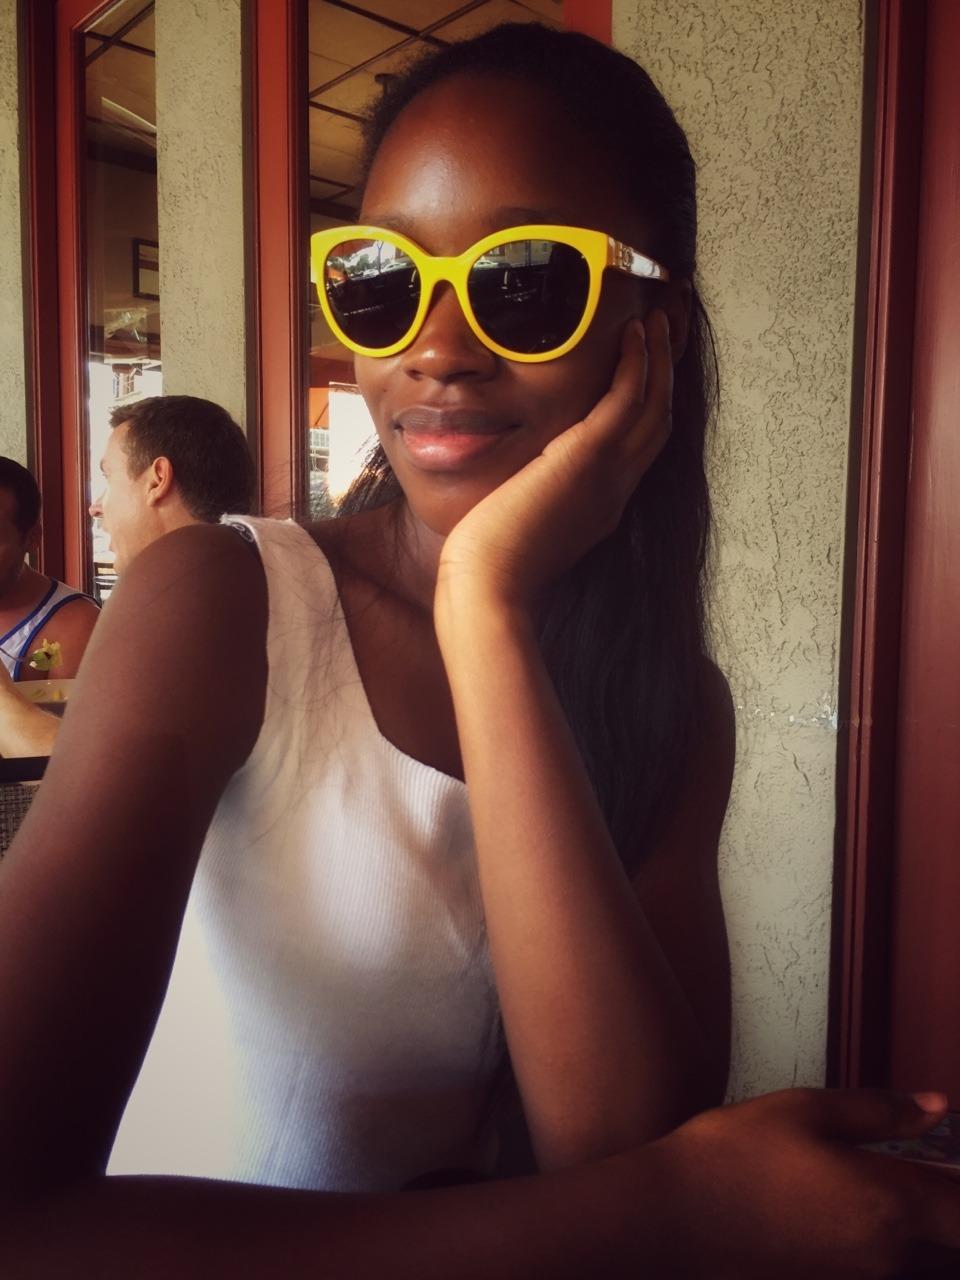 #Chanel #brunchdays #losangeles